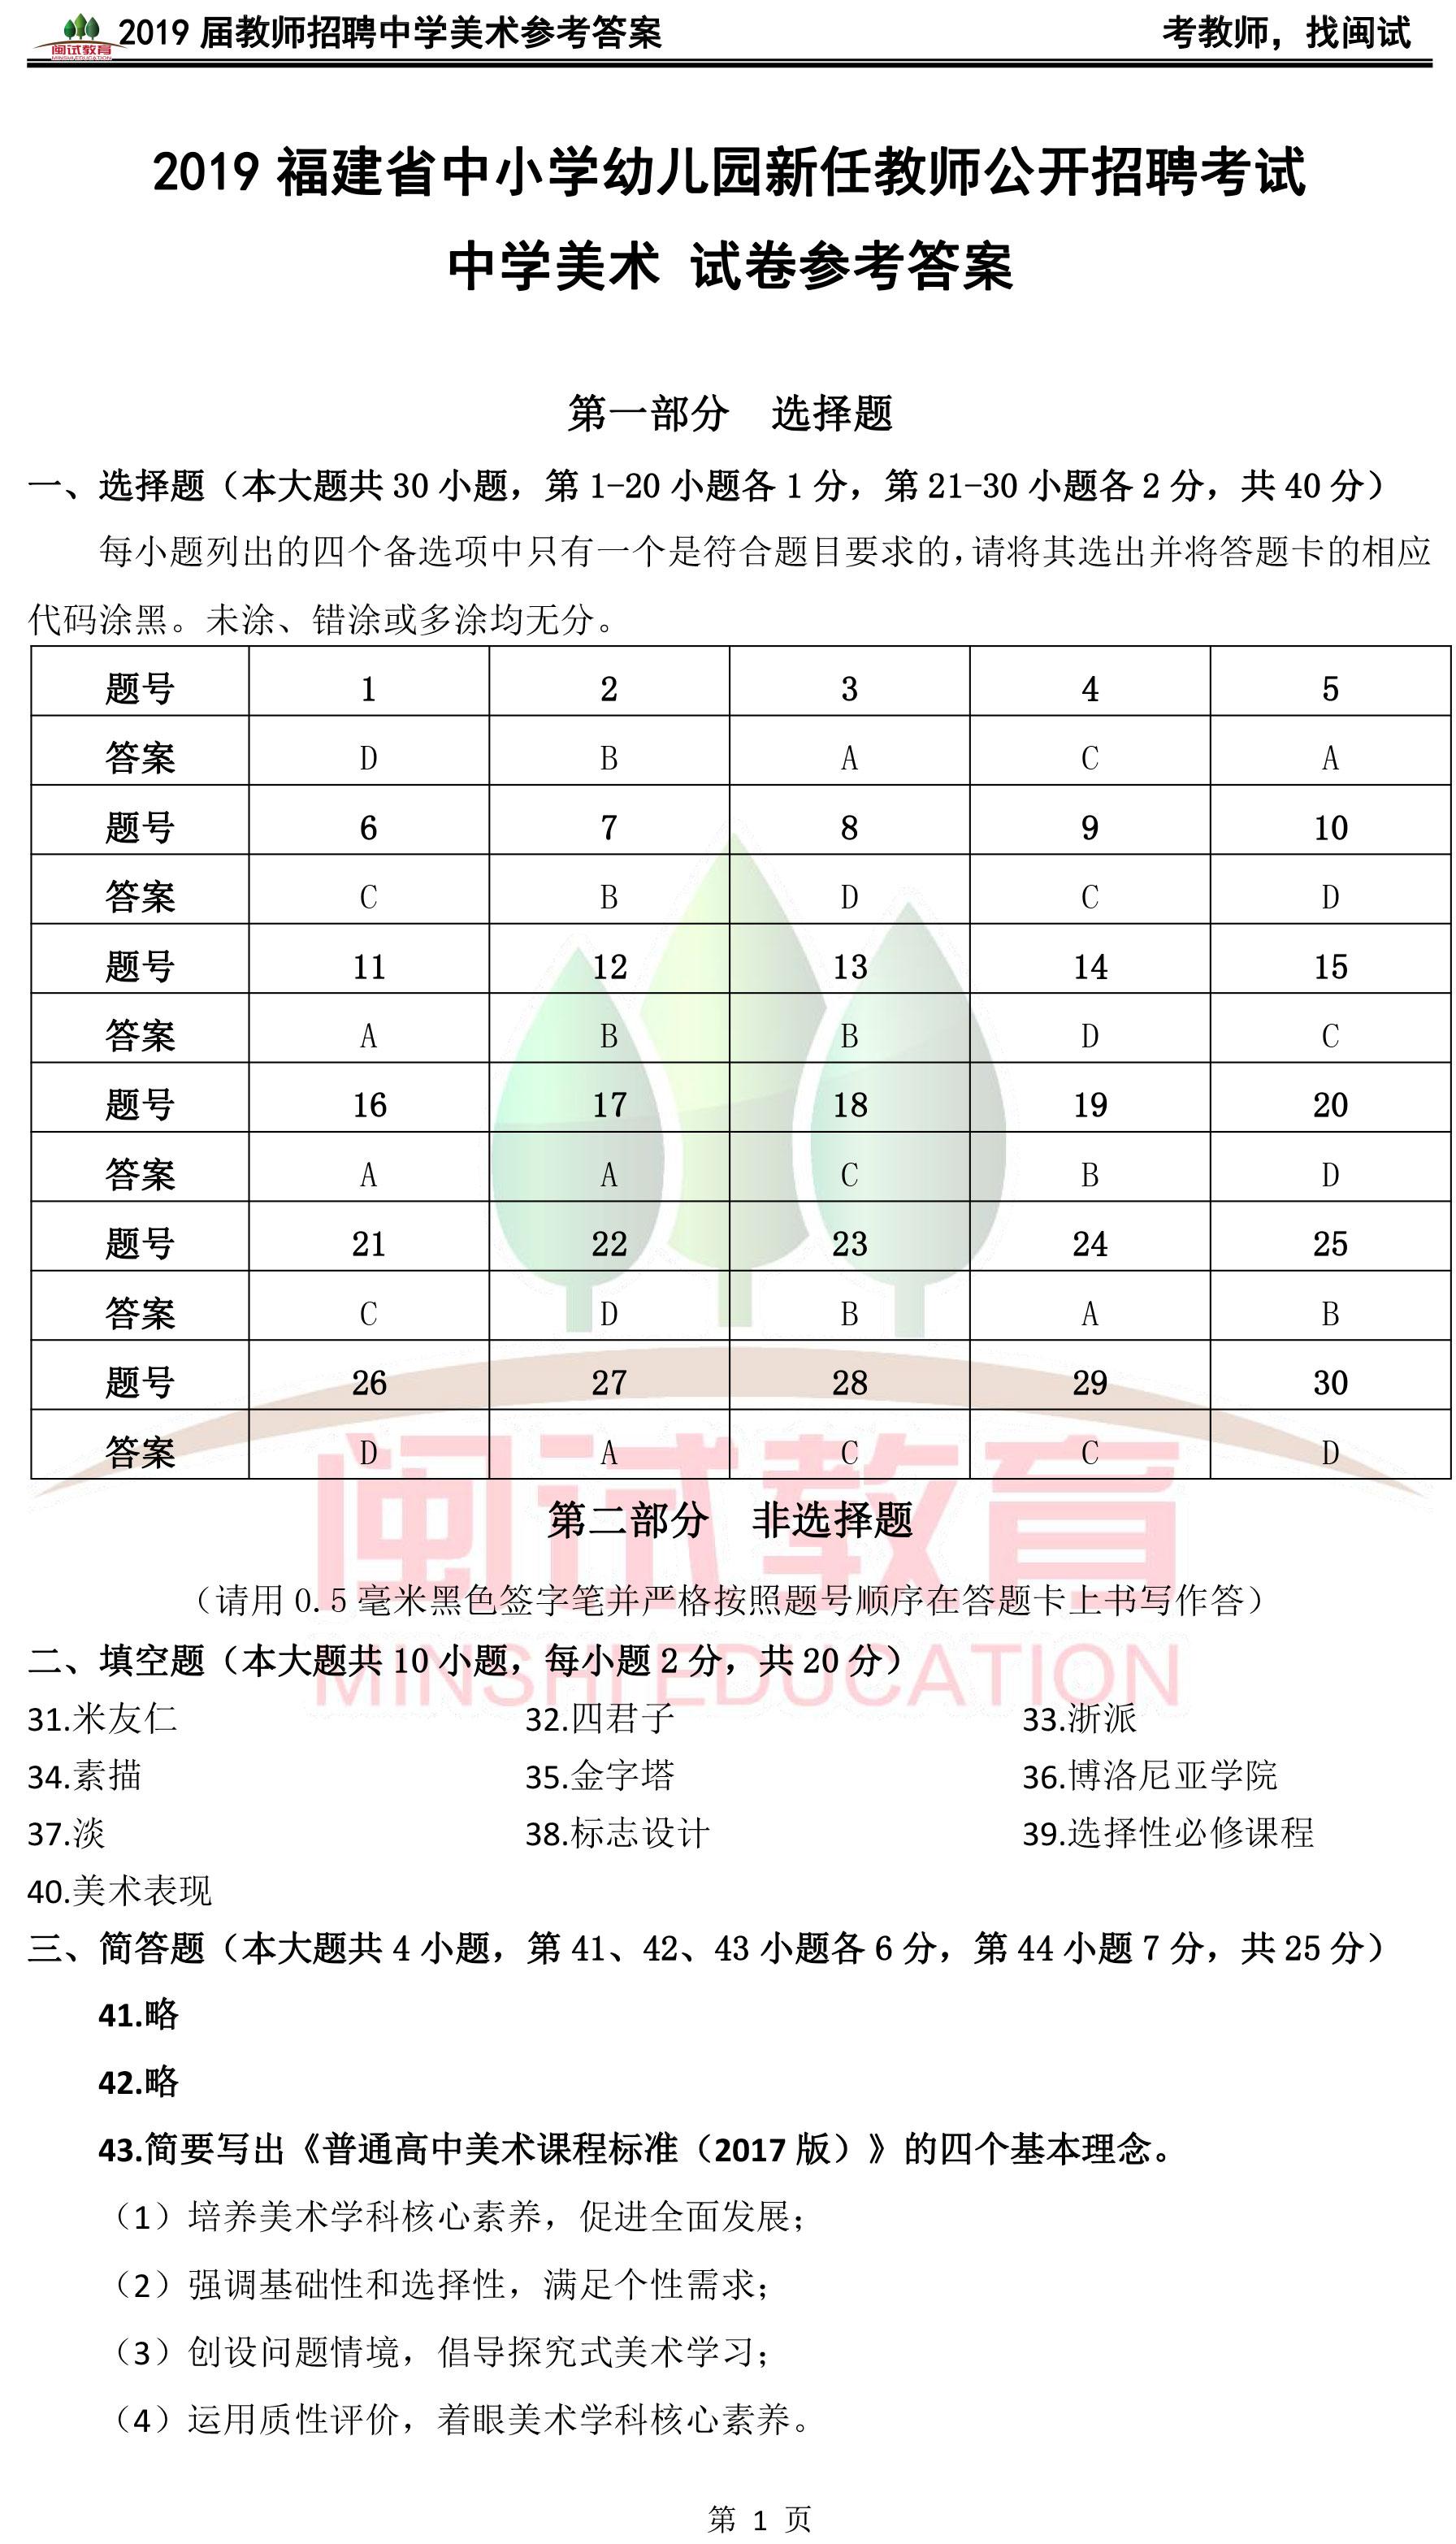 2019年福建教师招聘考试中学美术真题参考答案